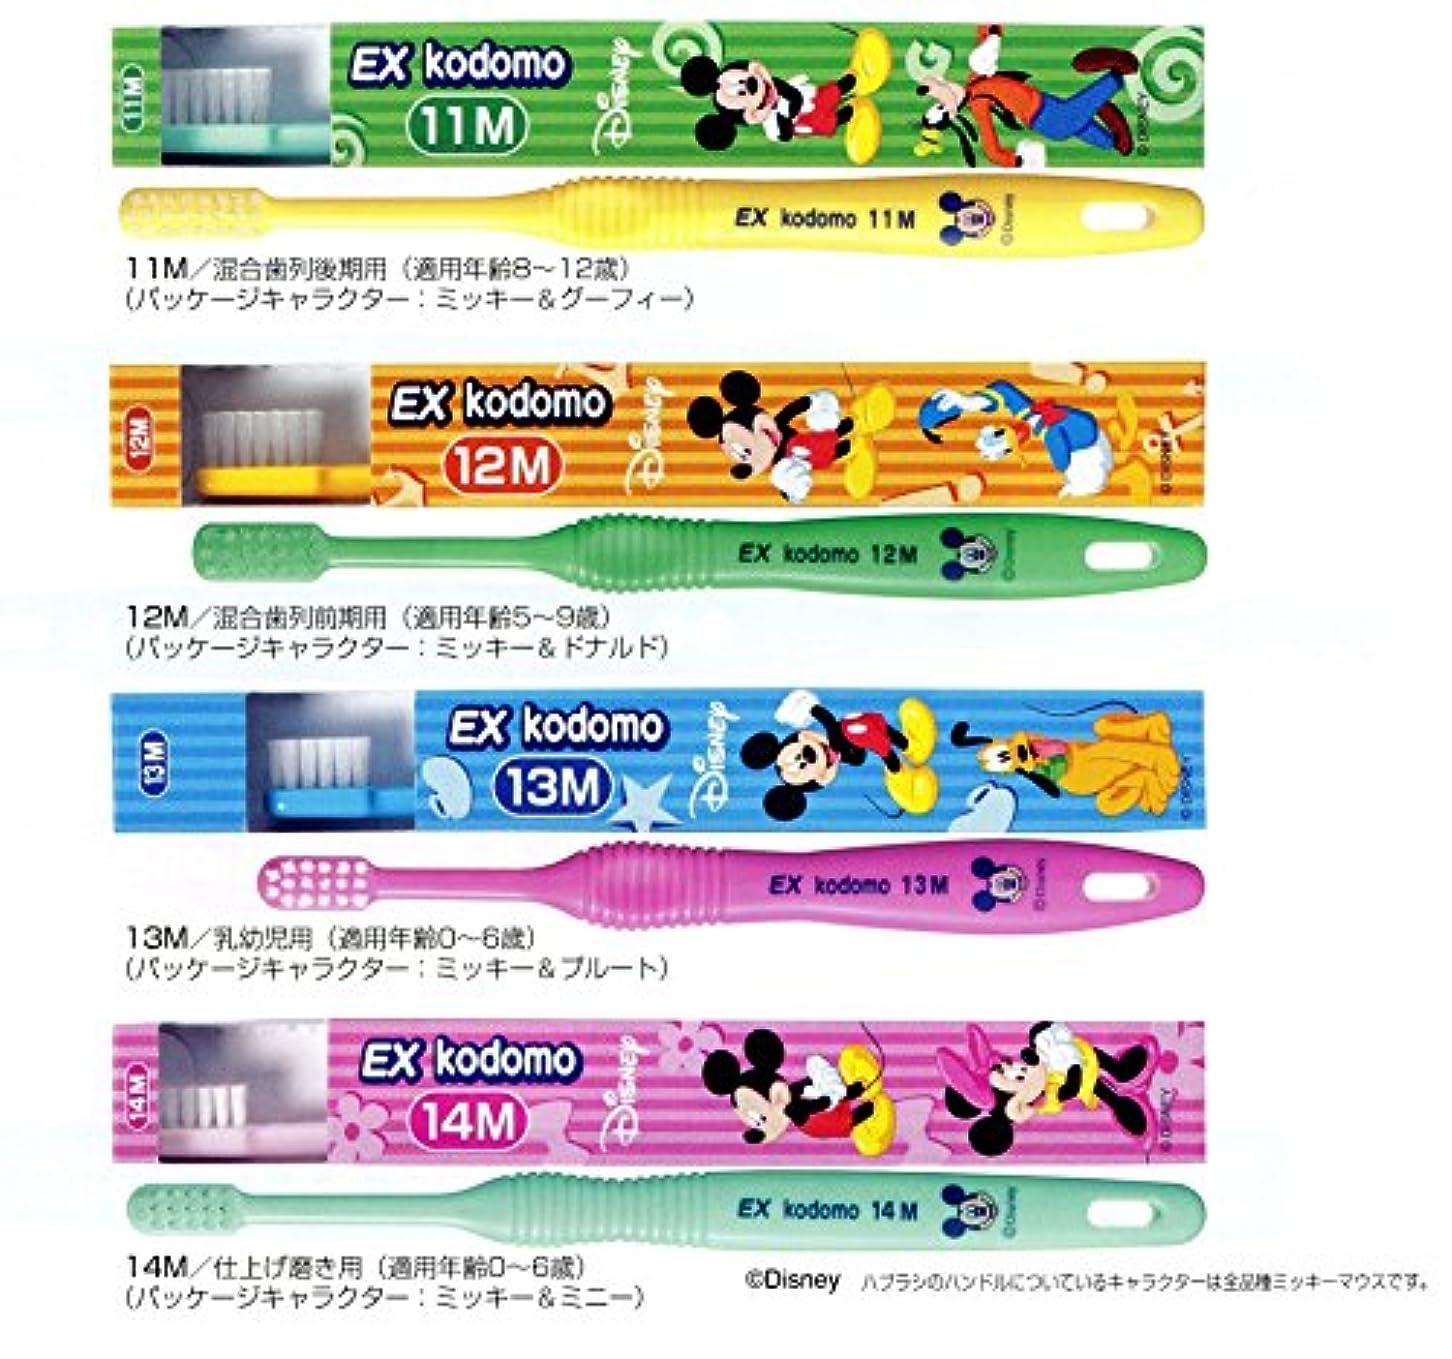 フォアマン降伏キャッチライオン コドモ ディズニー DENT.EX kodomo Disney 1本 12M ピンク (5?9歳)